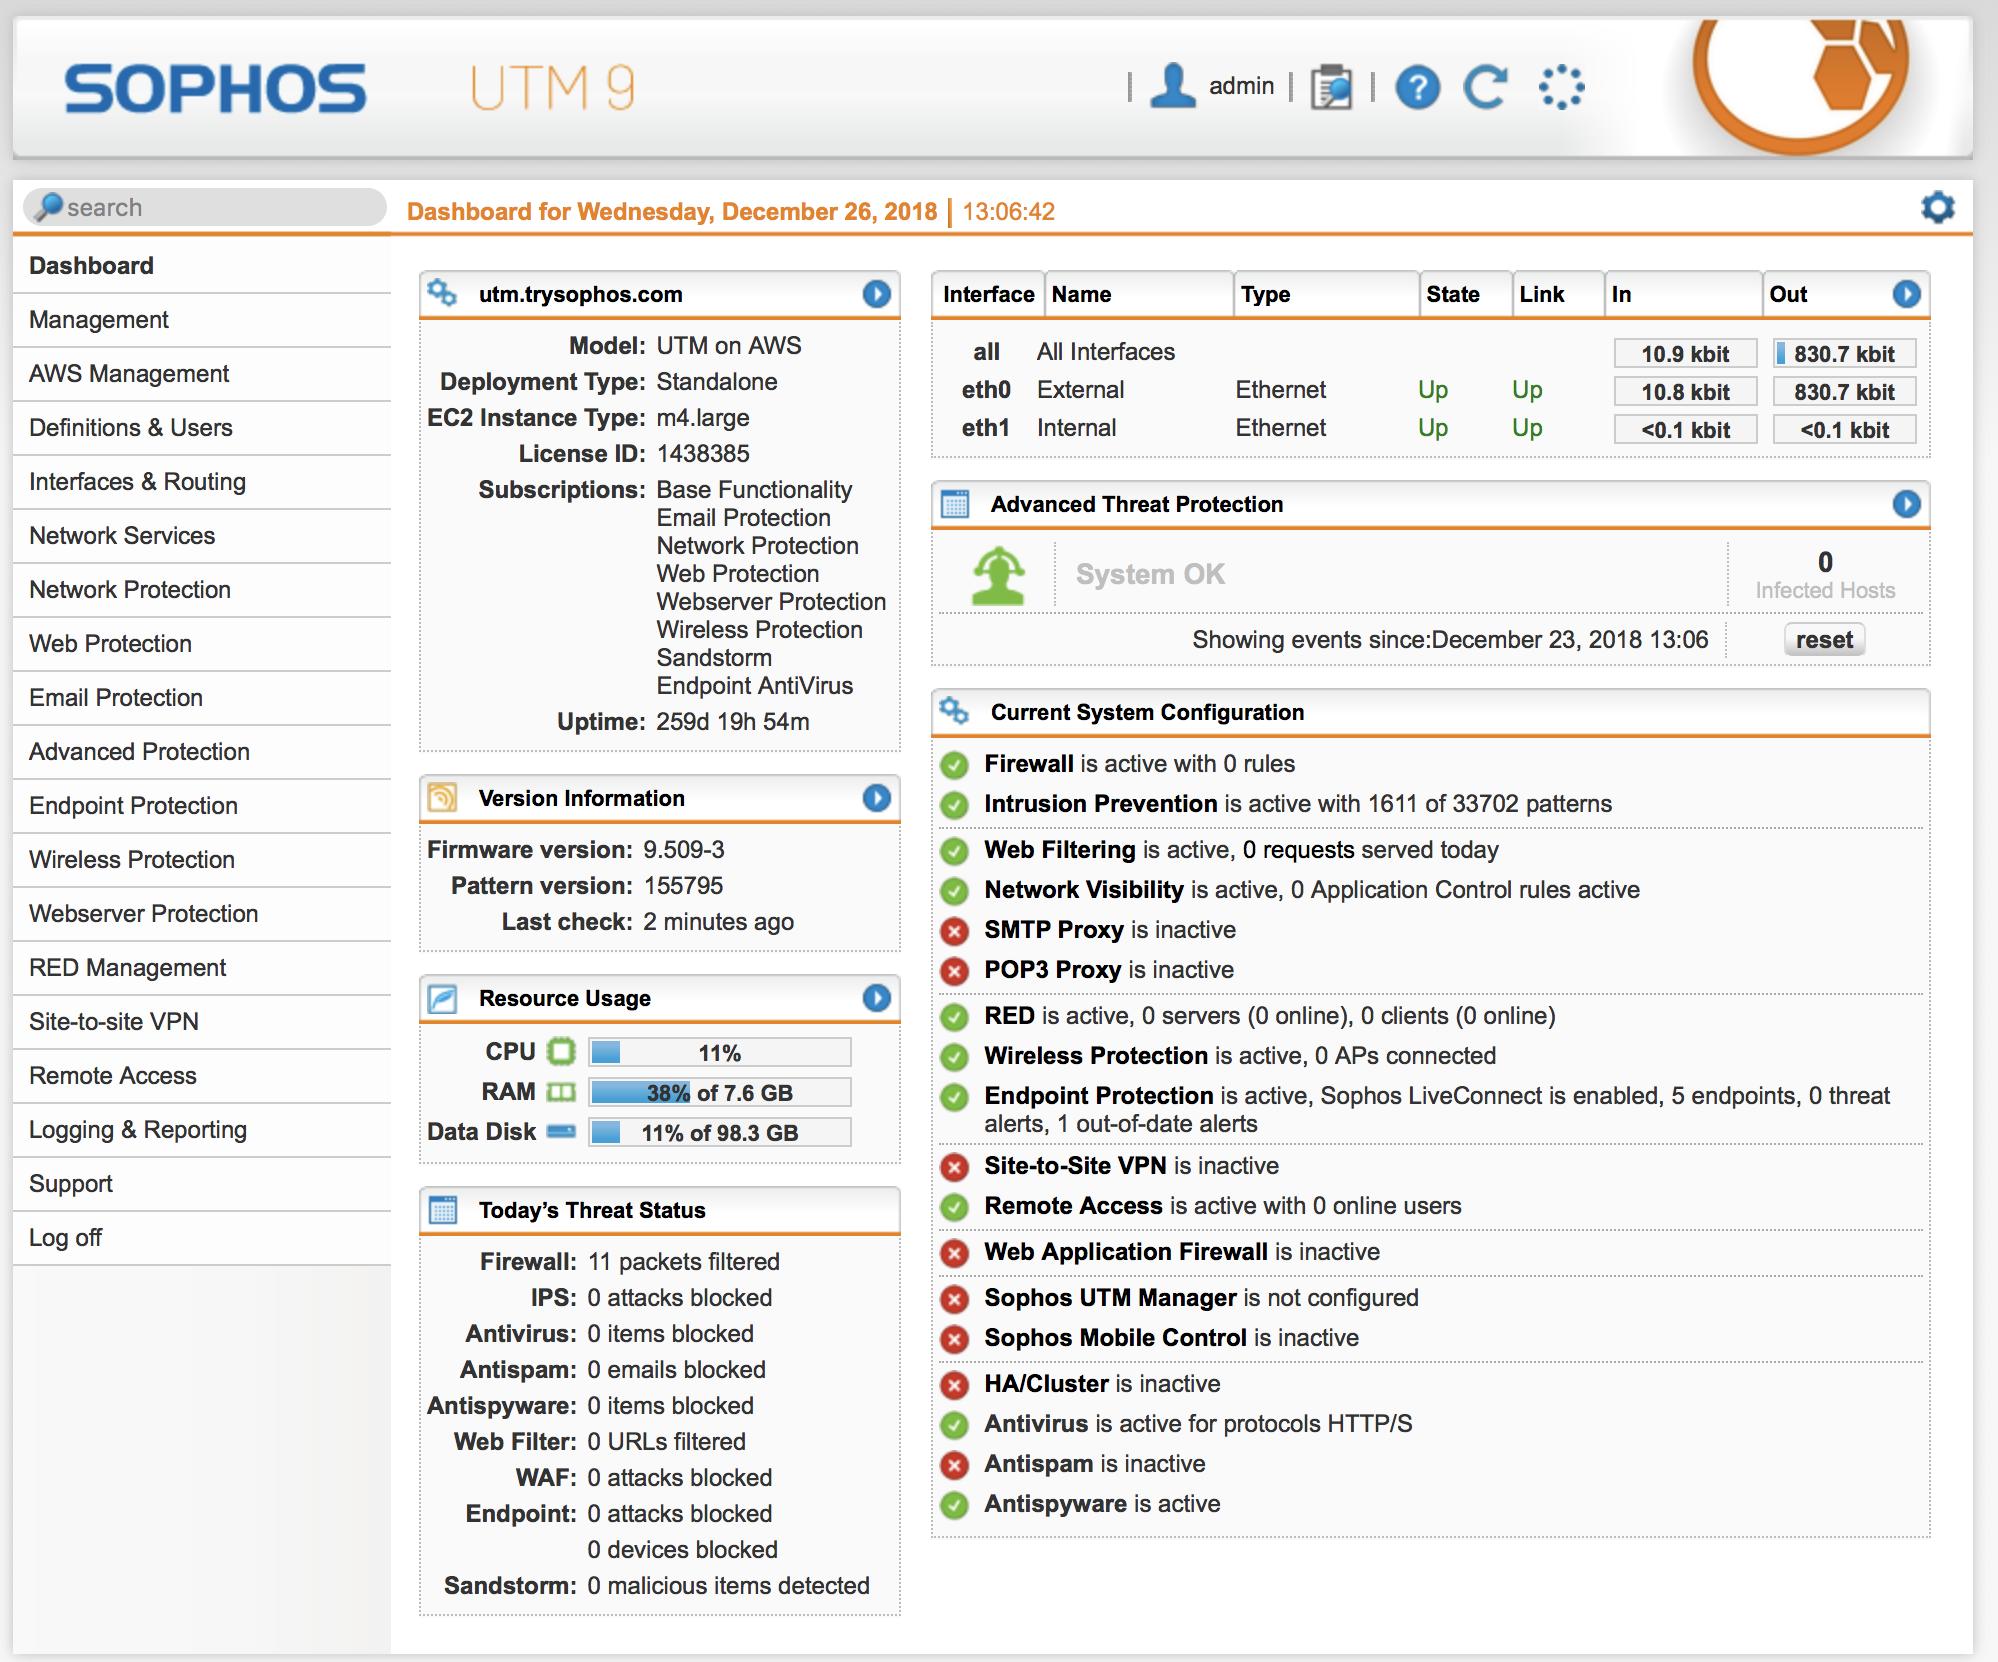 Sophos UTM Dashboard